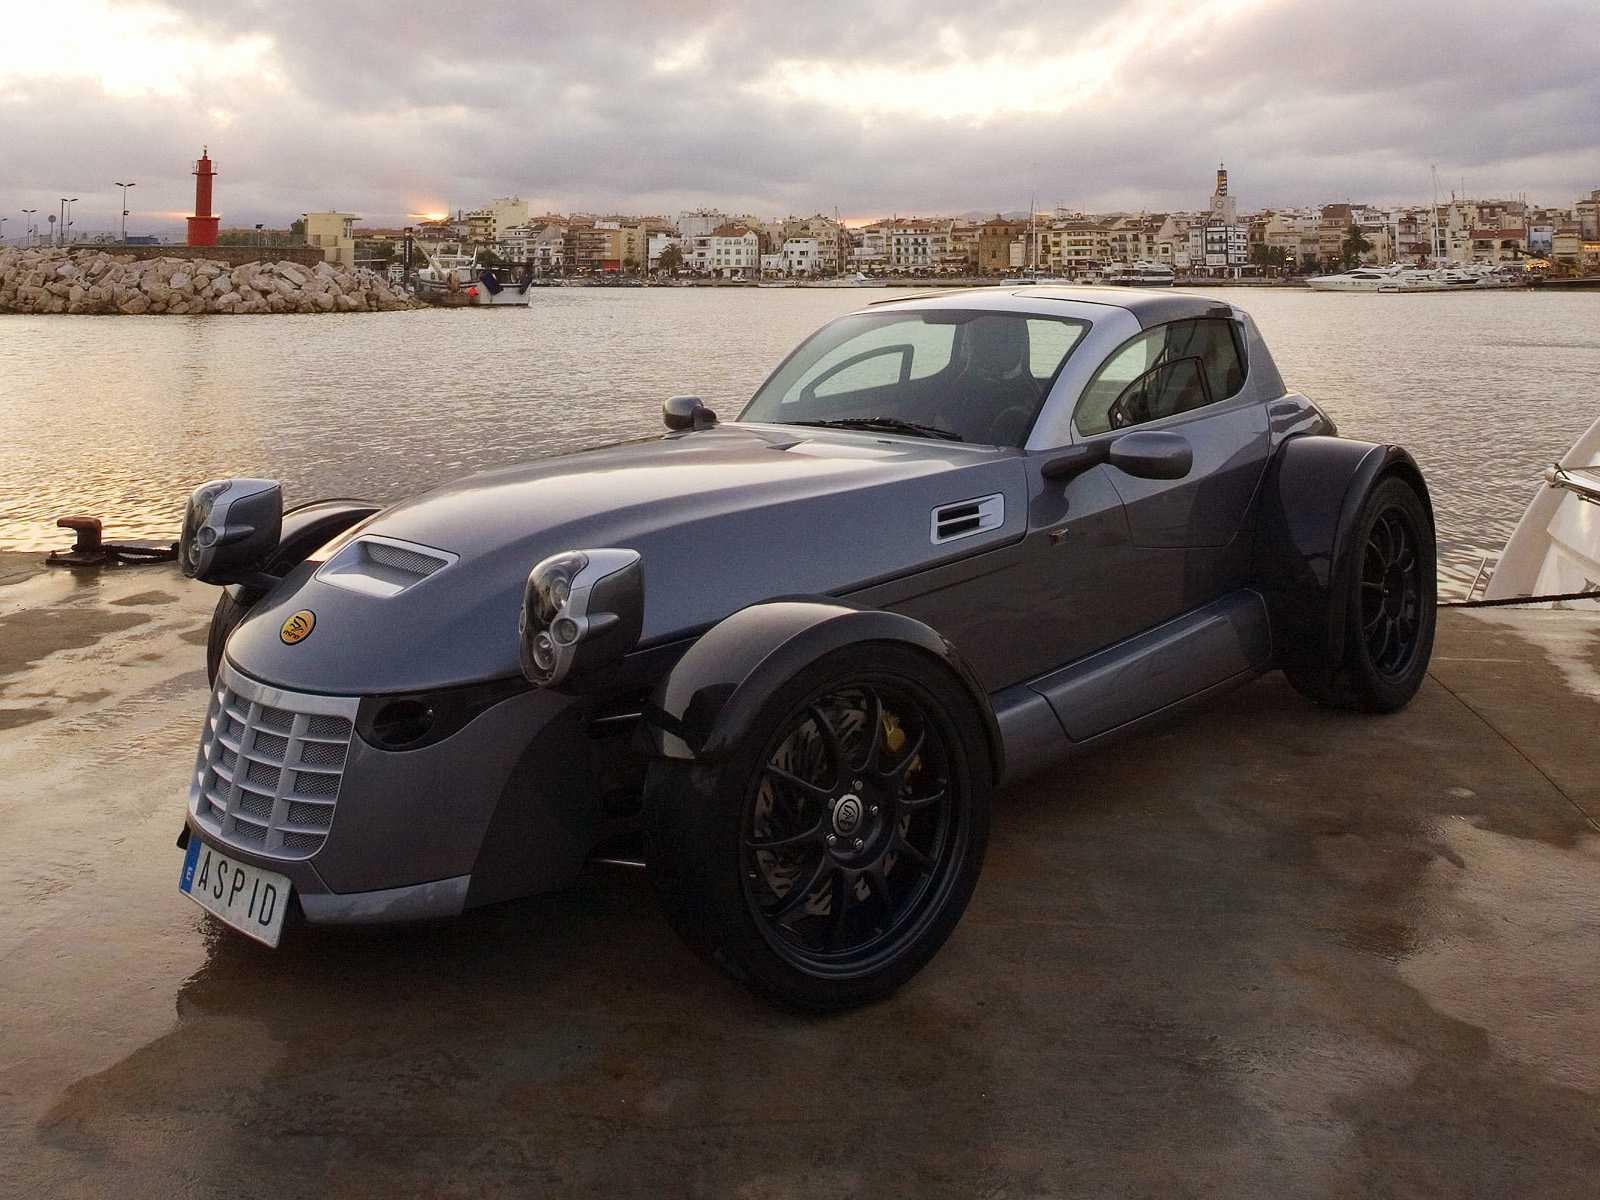 IFR Automotive